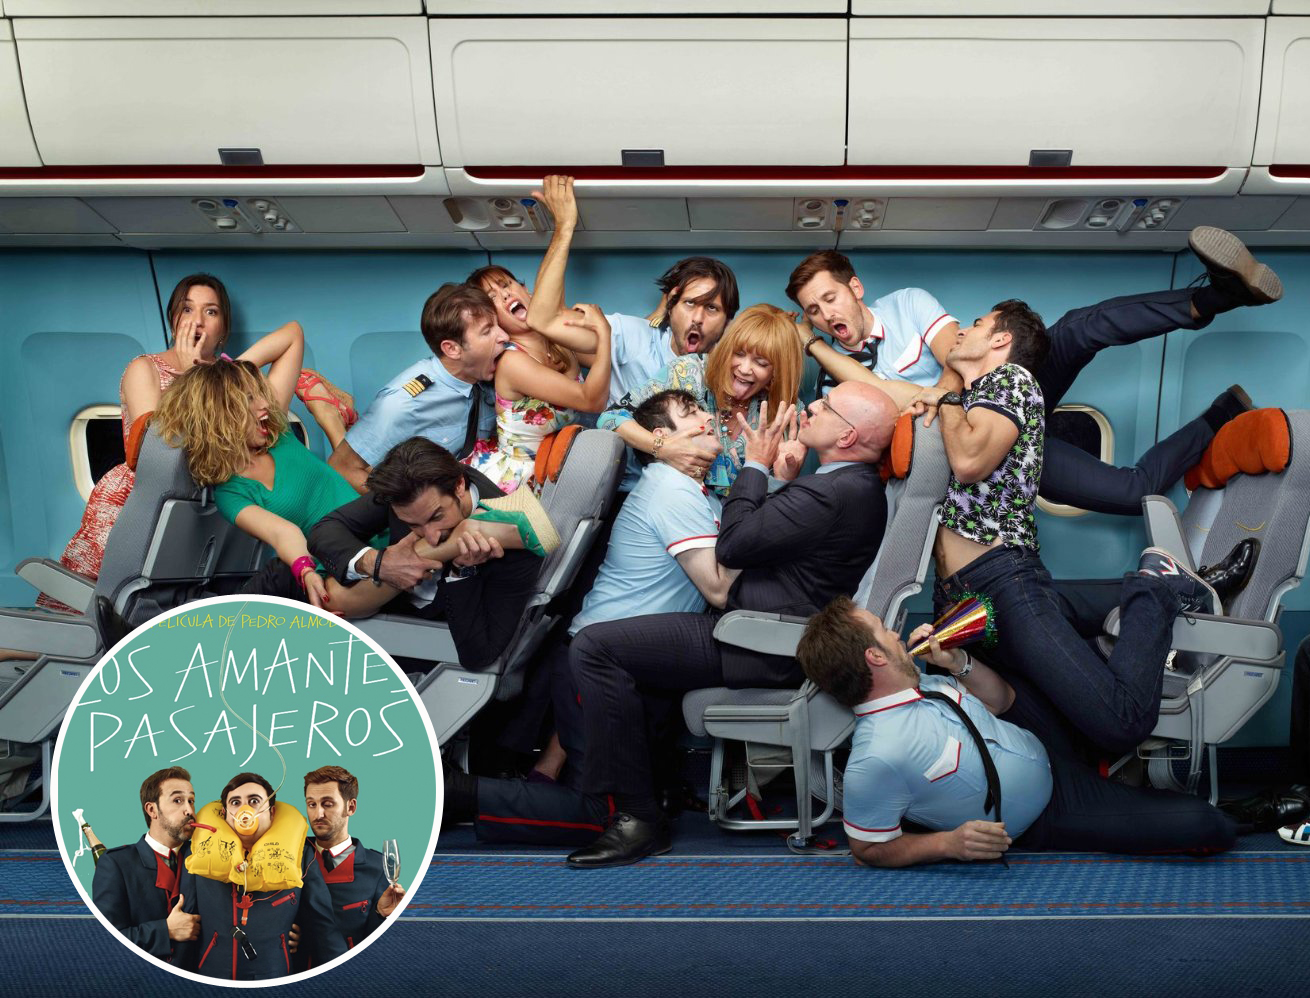 filmes-para-inspirar-viagens-amantes-passageiros